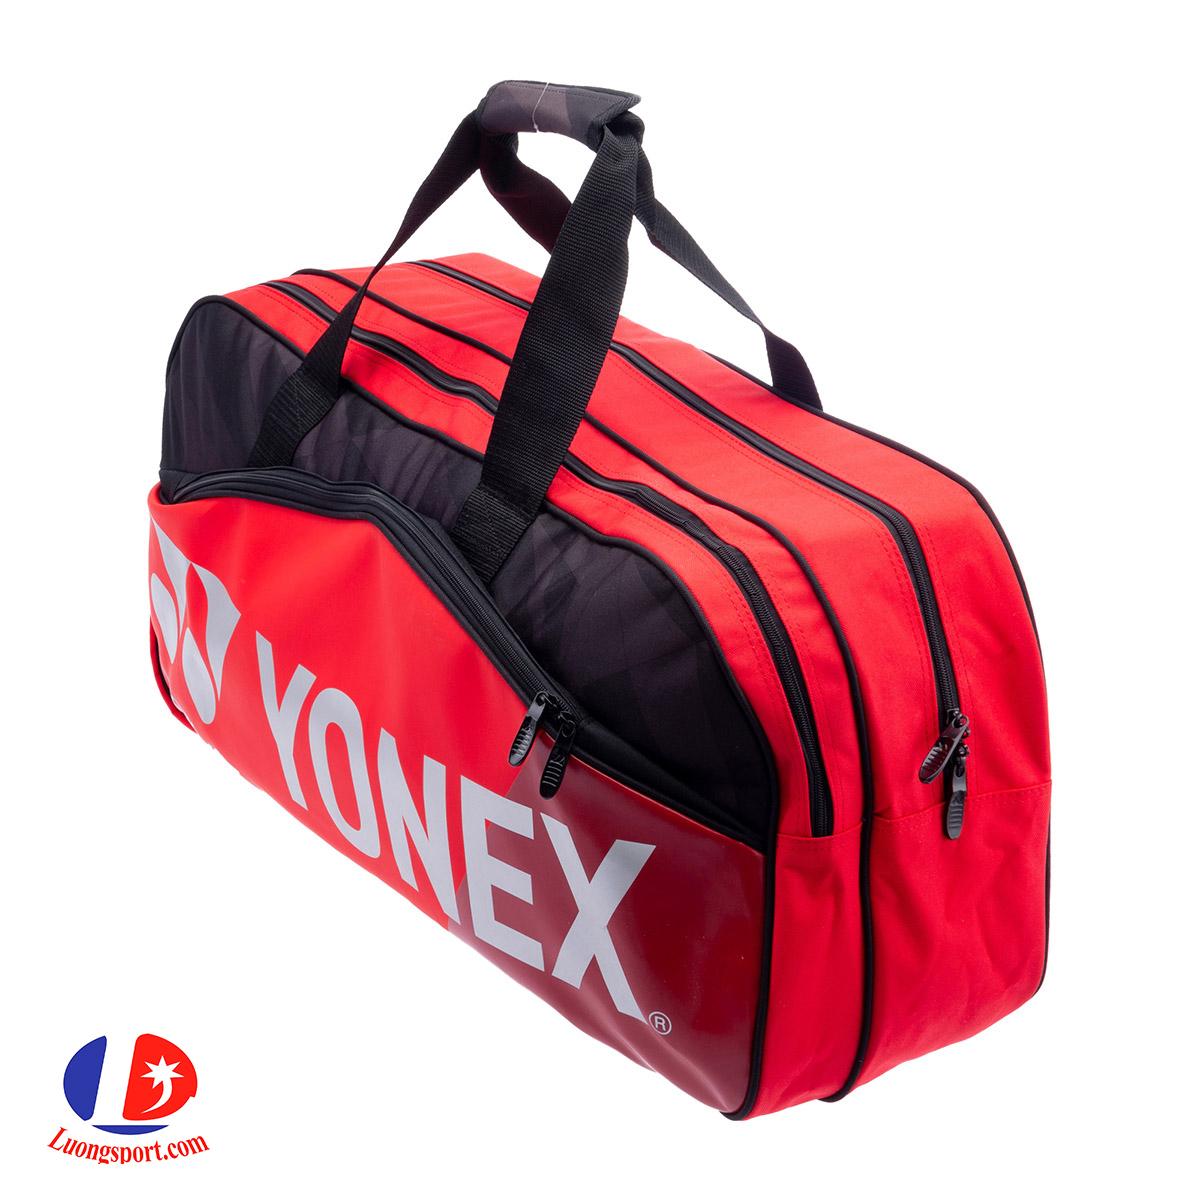 tui-yonex-bag-9831-wex-chinh-hang-red-2018_1